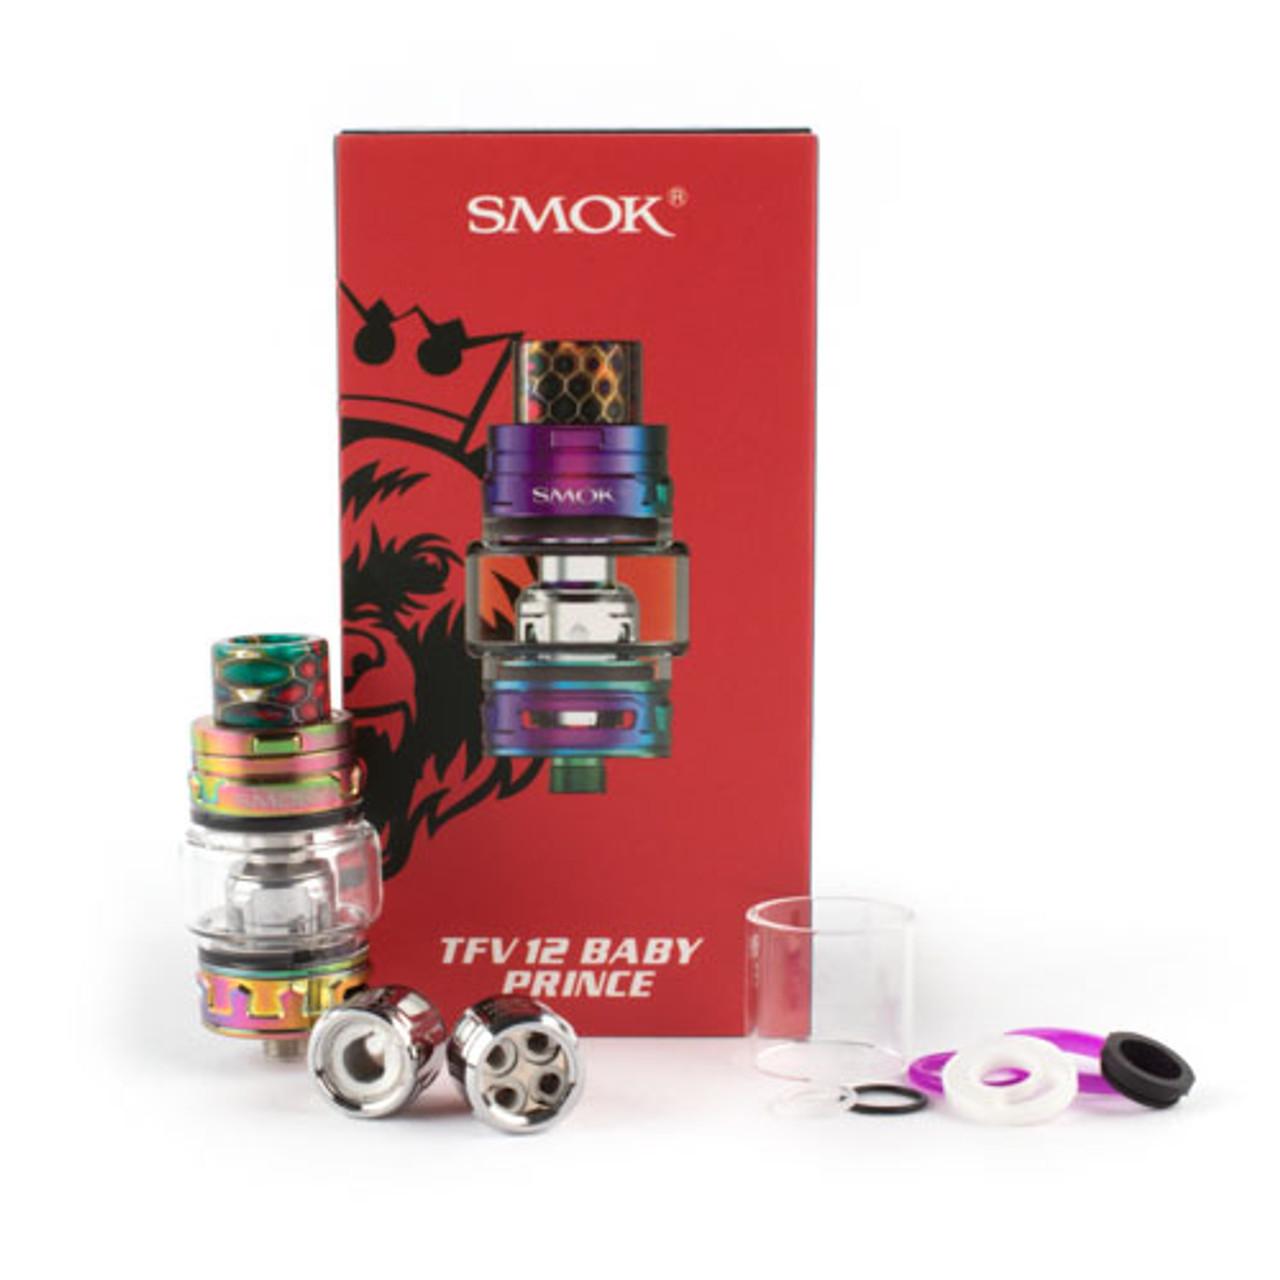 Smok TFV12 Baby Prince Sub Ohm Tank